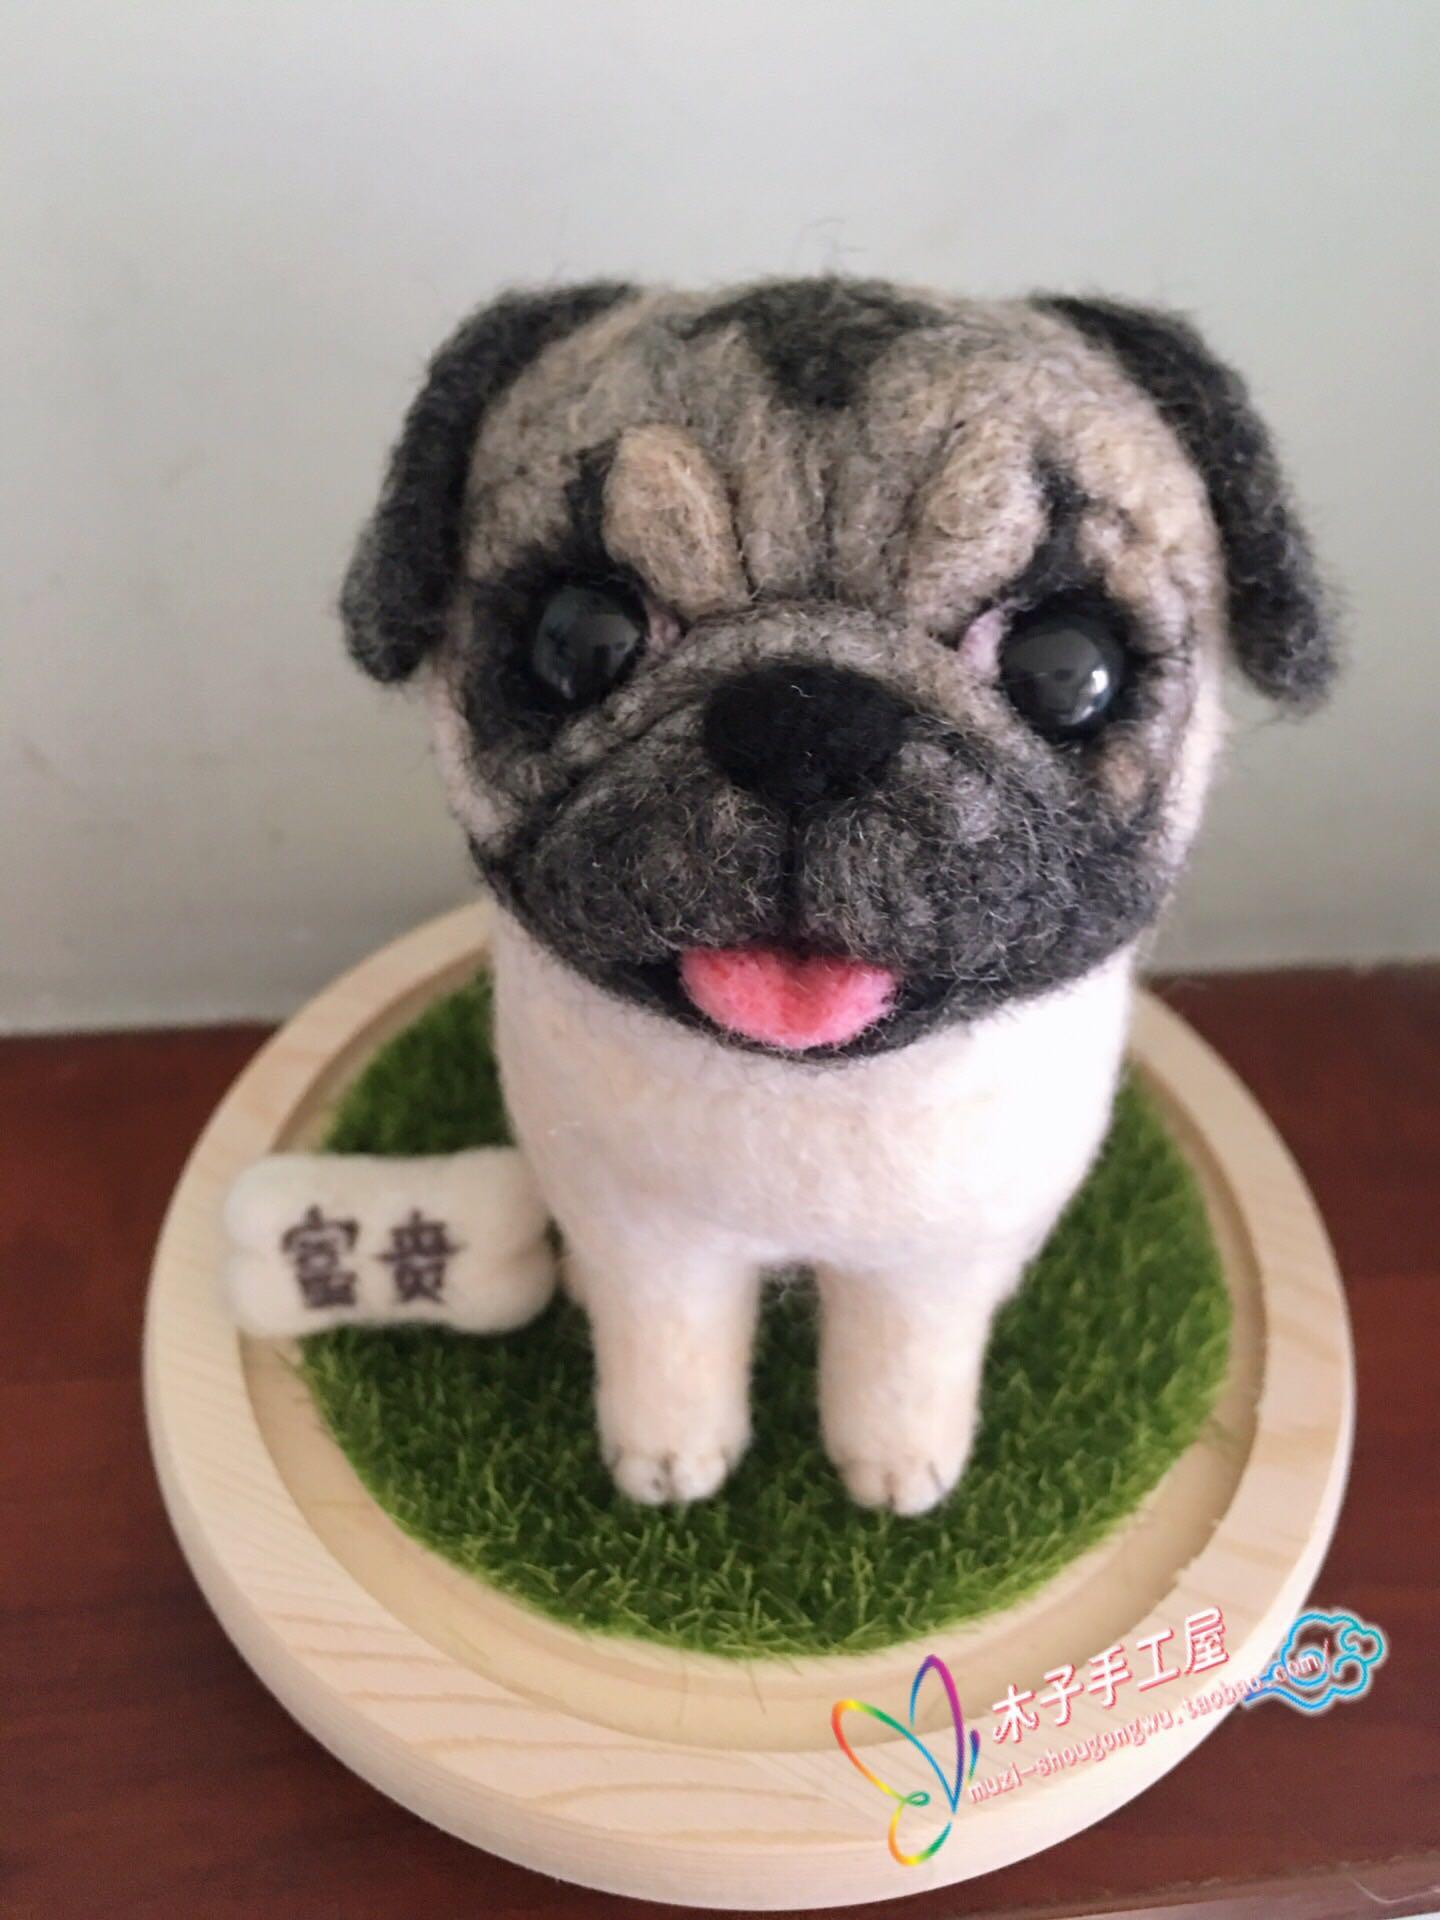 羊毛毡纯手工来图定制宠物狗巴哥犬全身室内摆件微景观赏纪念